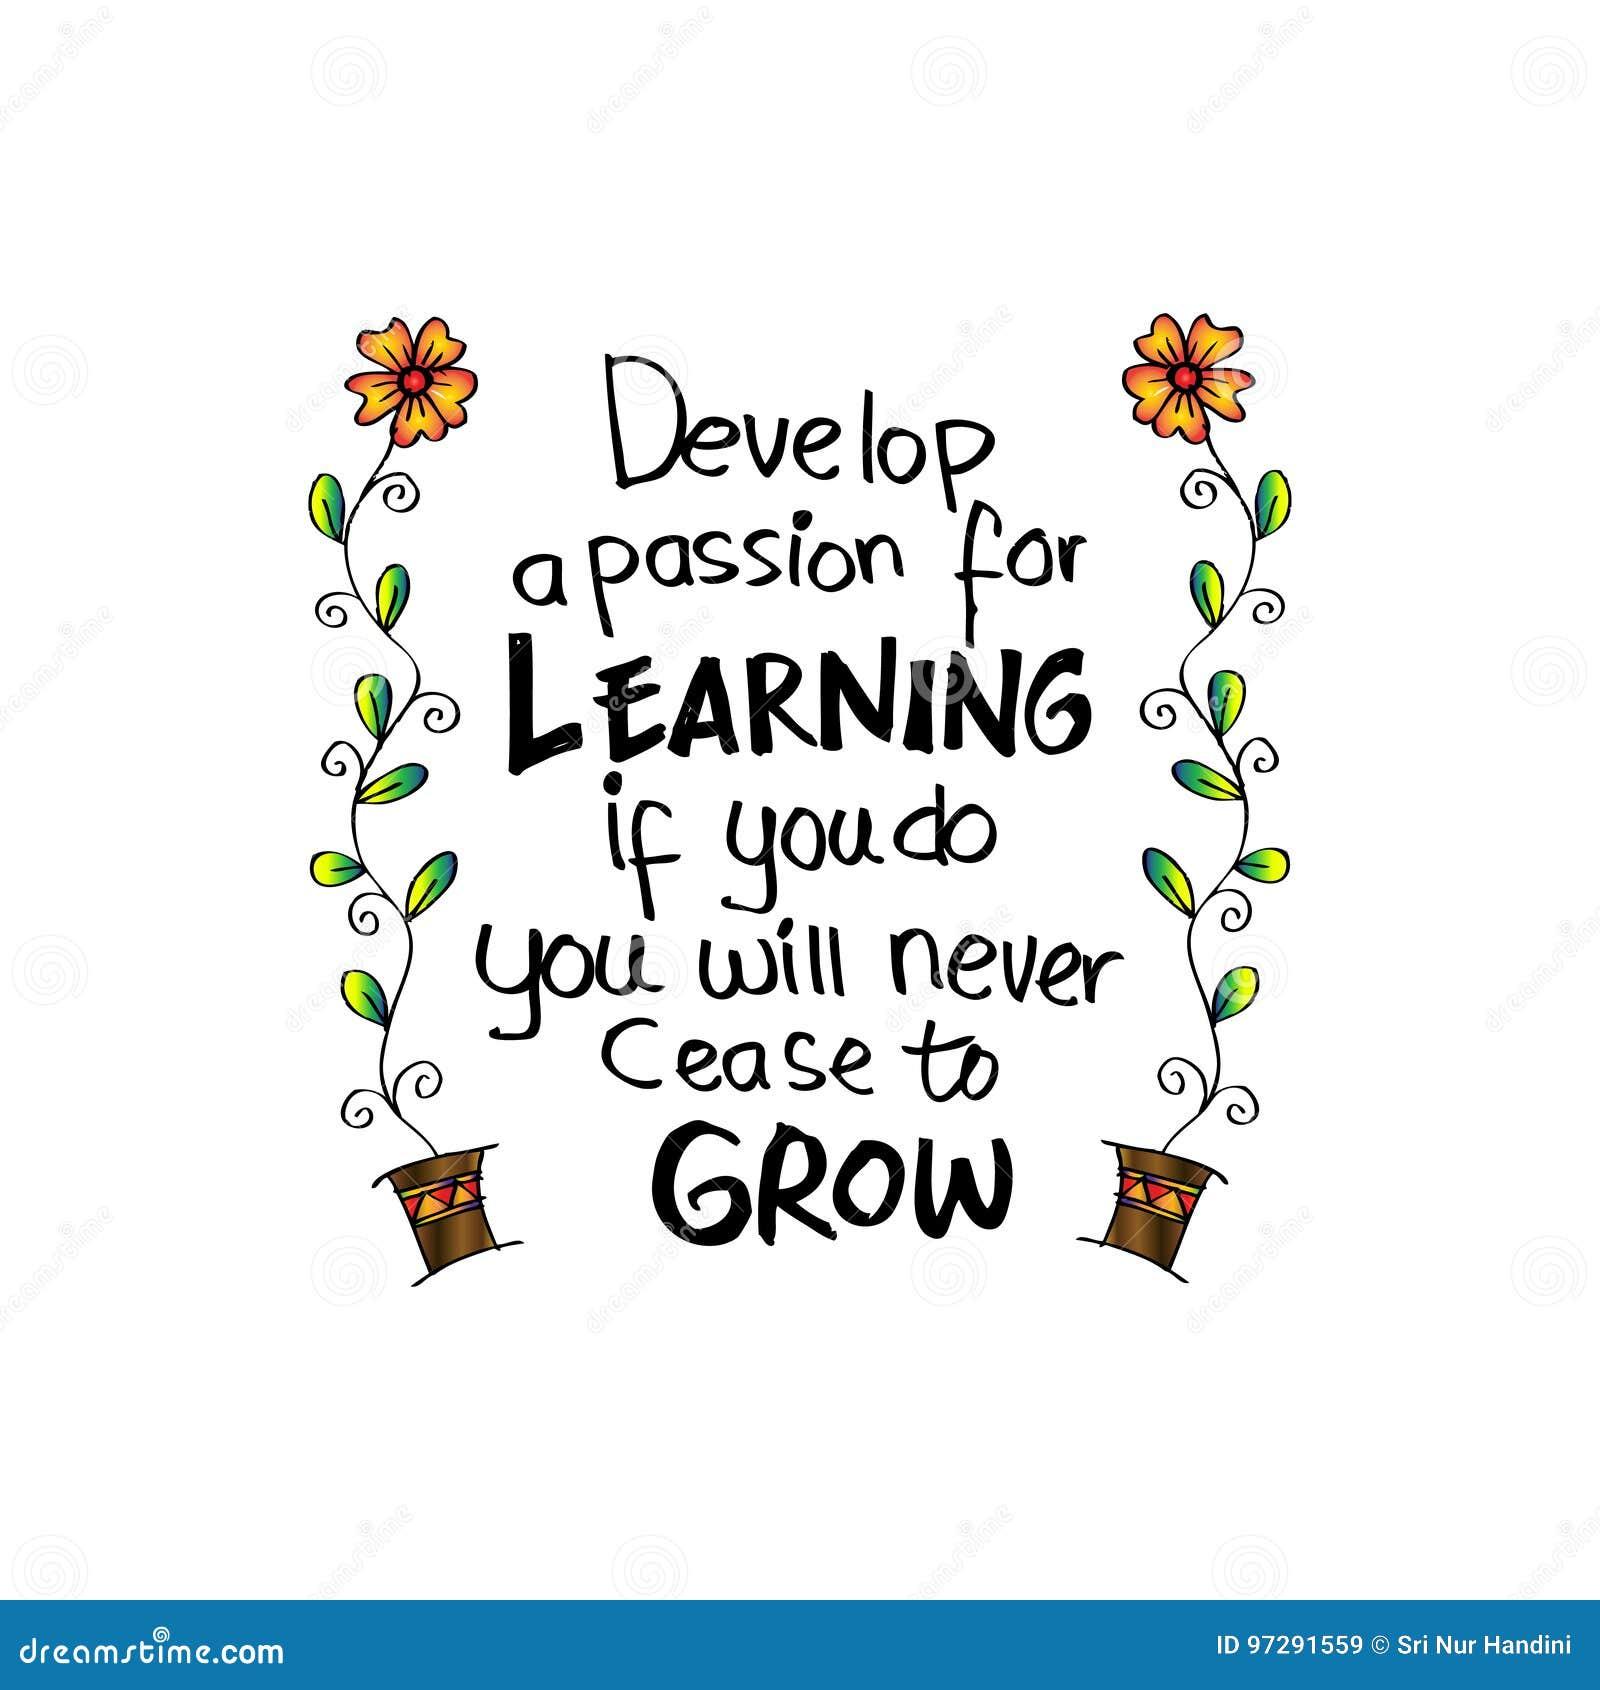 Sviluppi una passione per imparare Se fate, non cesserete mai di svilupparti